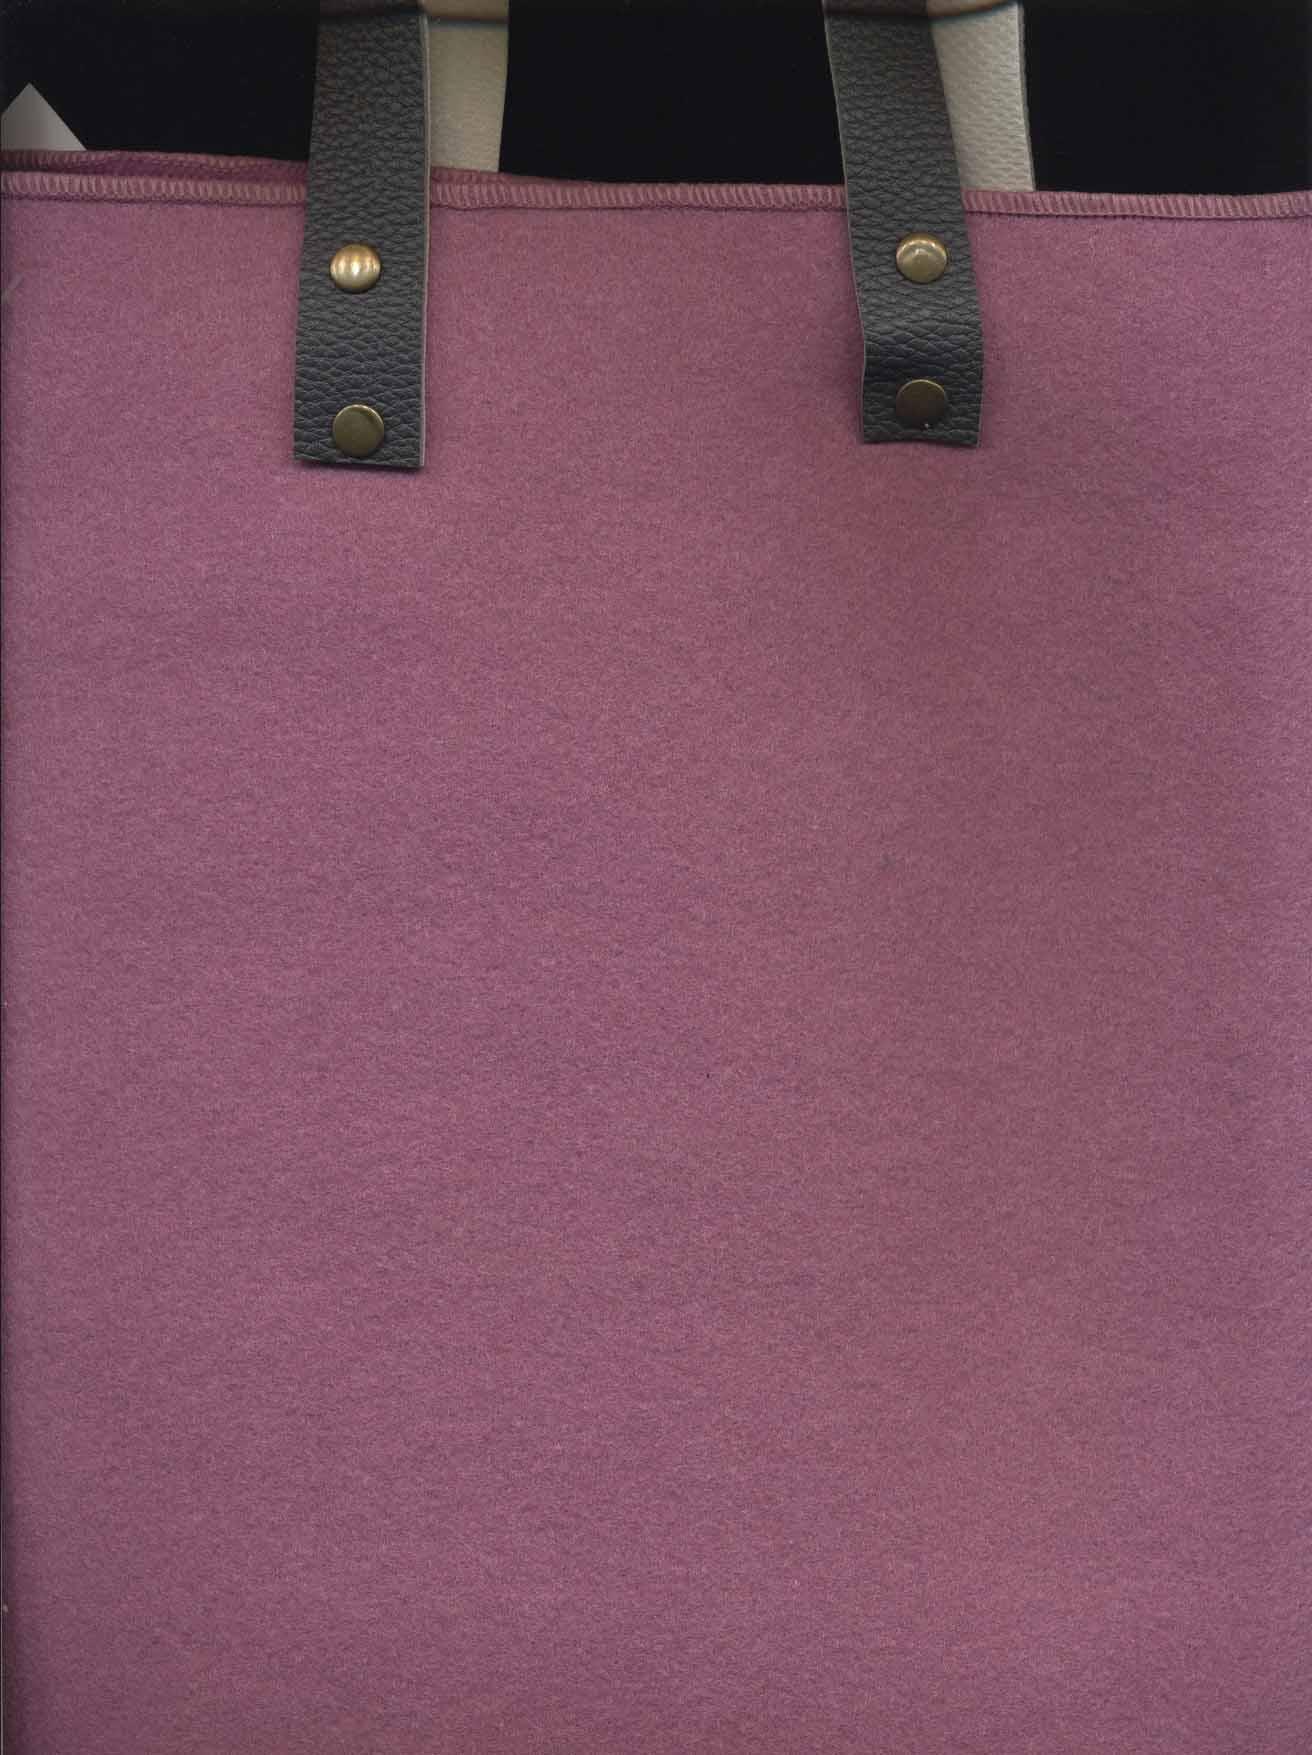 کیف خرید پارچه ای 20*25 (کد 150)